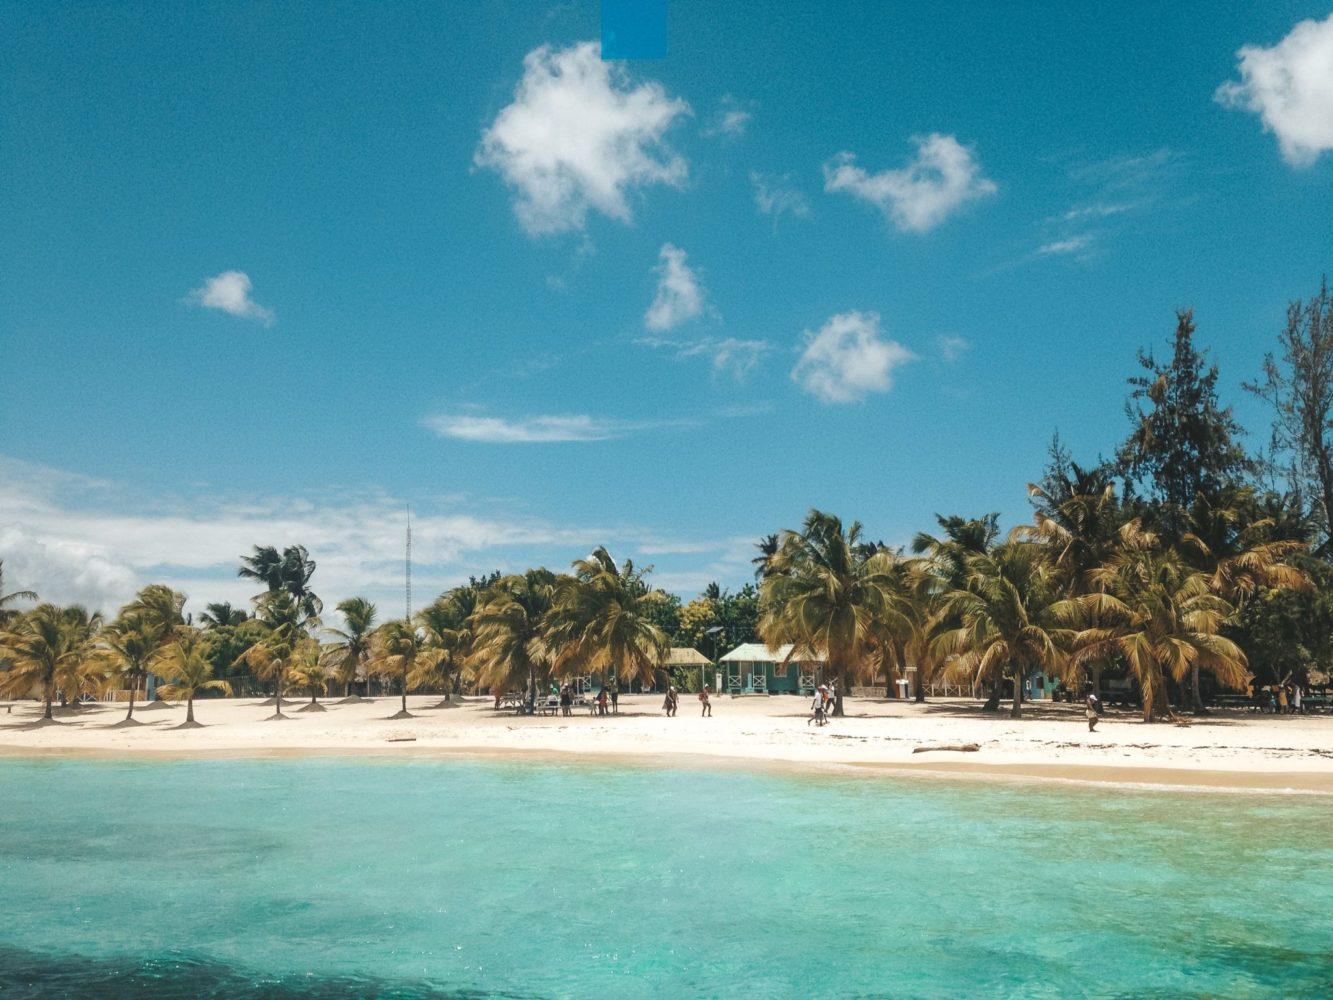 Le paradis existe bel et bien et l'île Saona s'y apparente